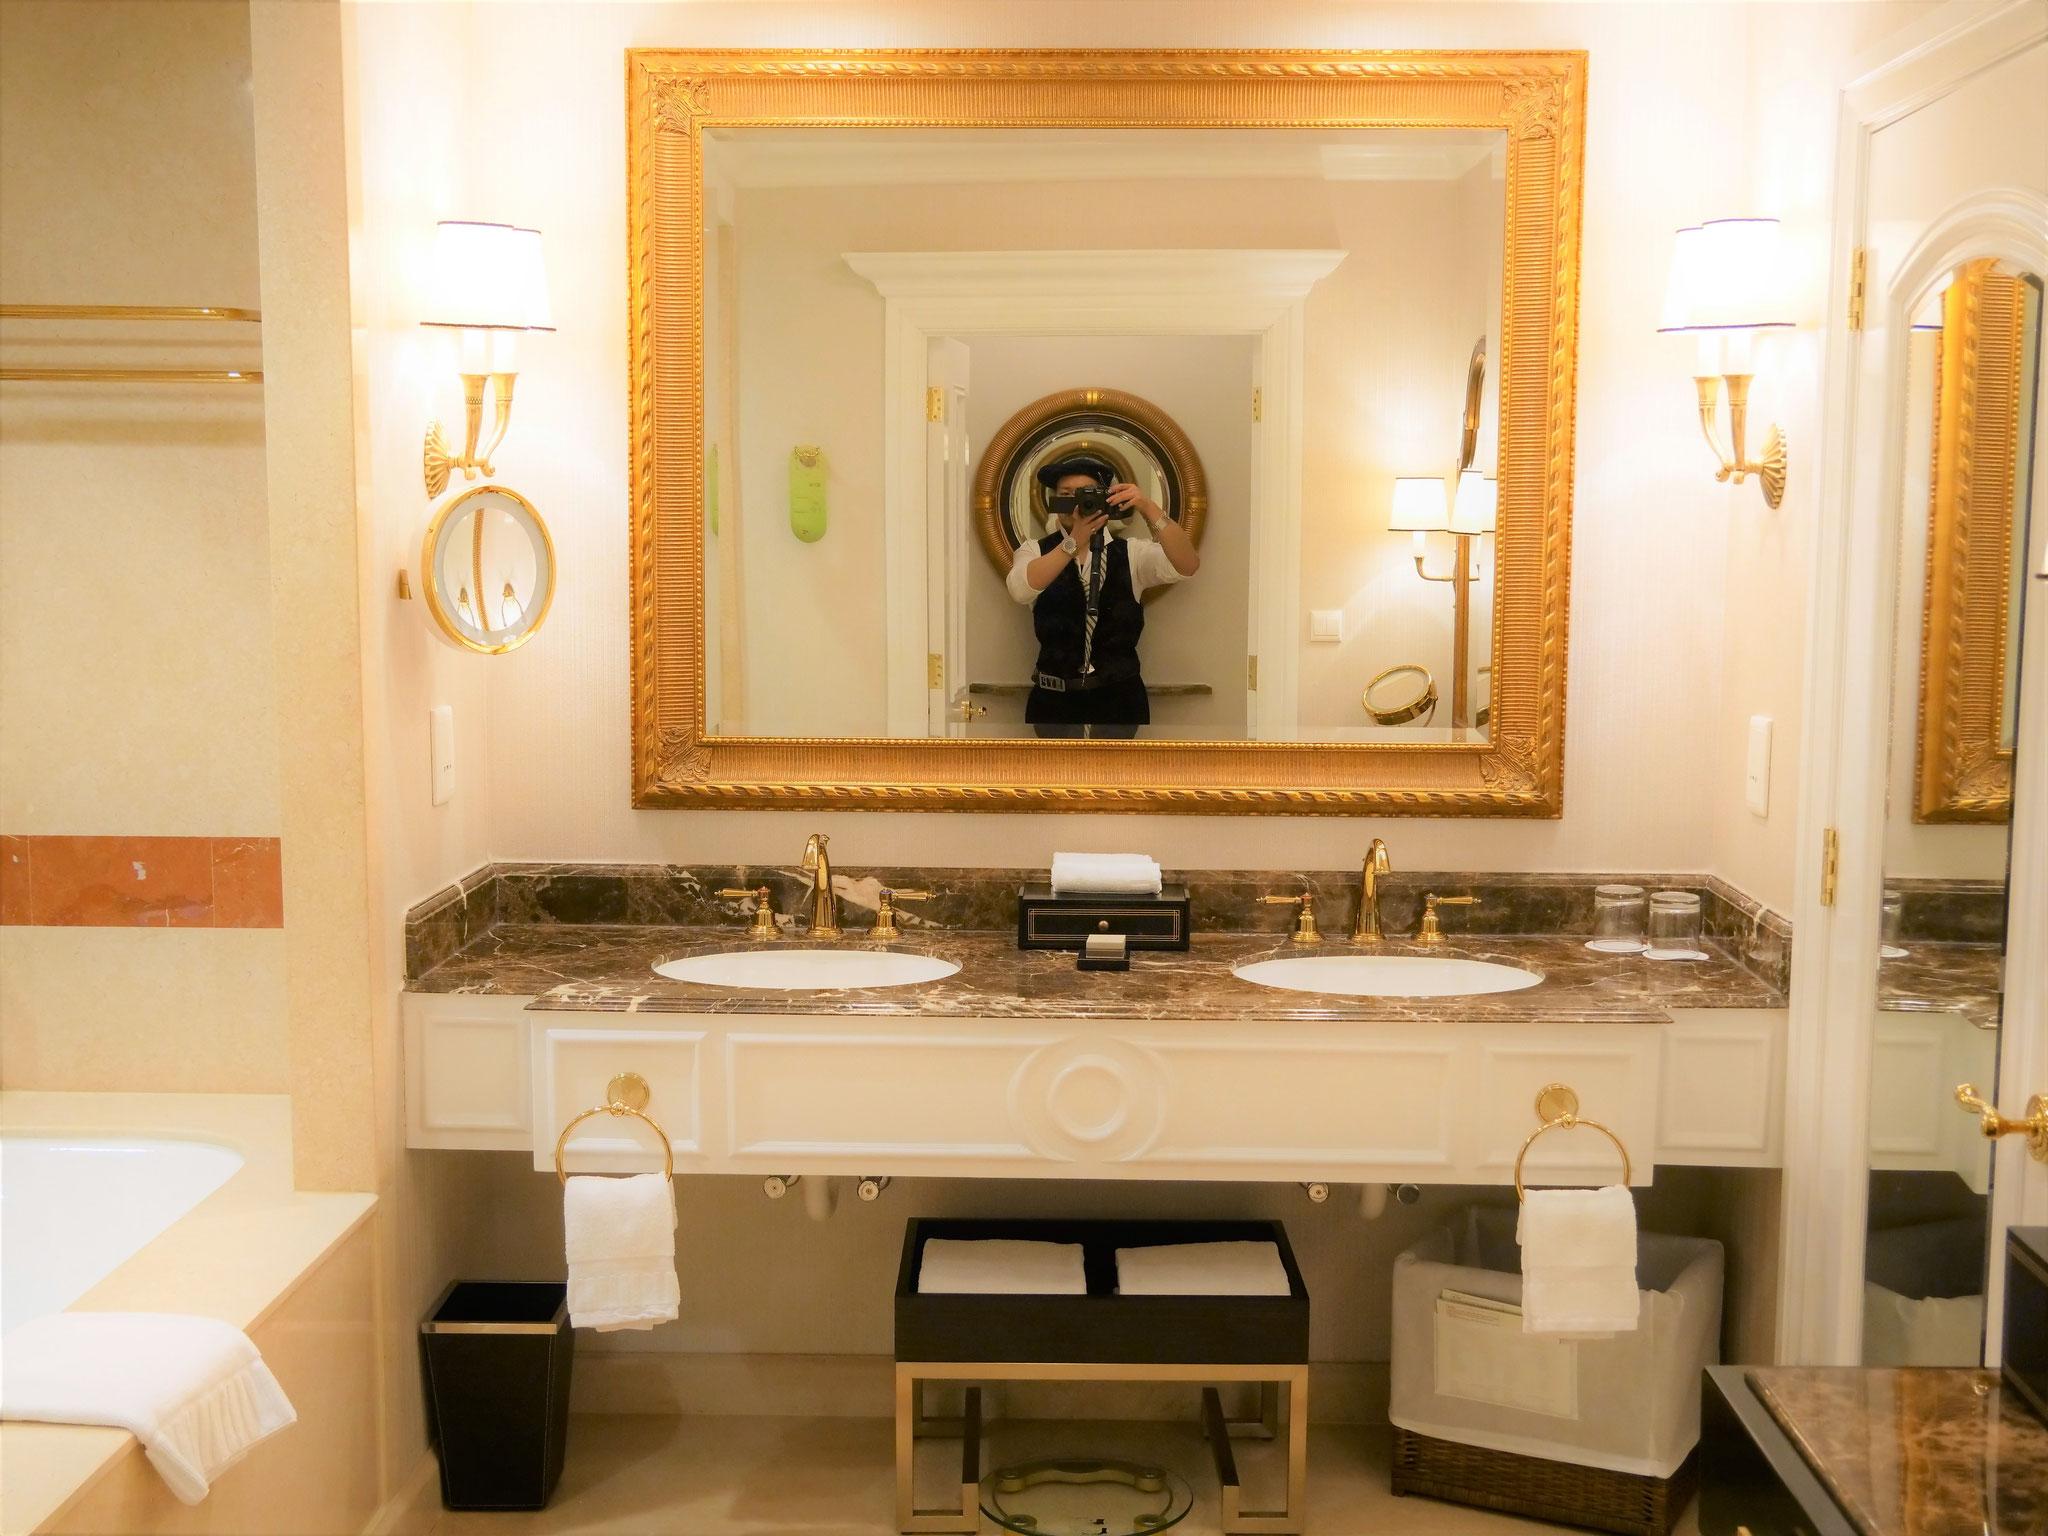 鏡の枠も蛇口もゴールド